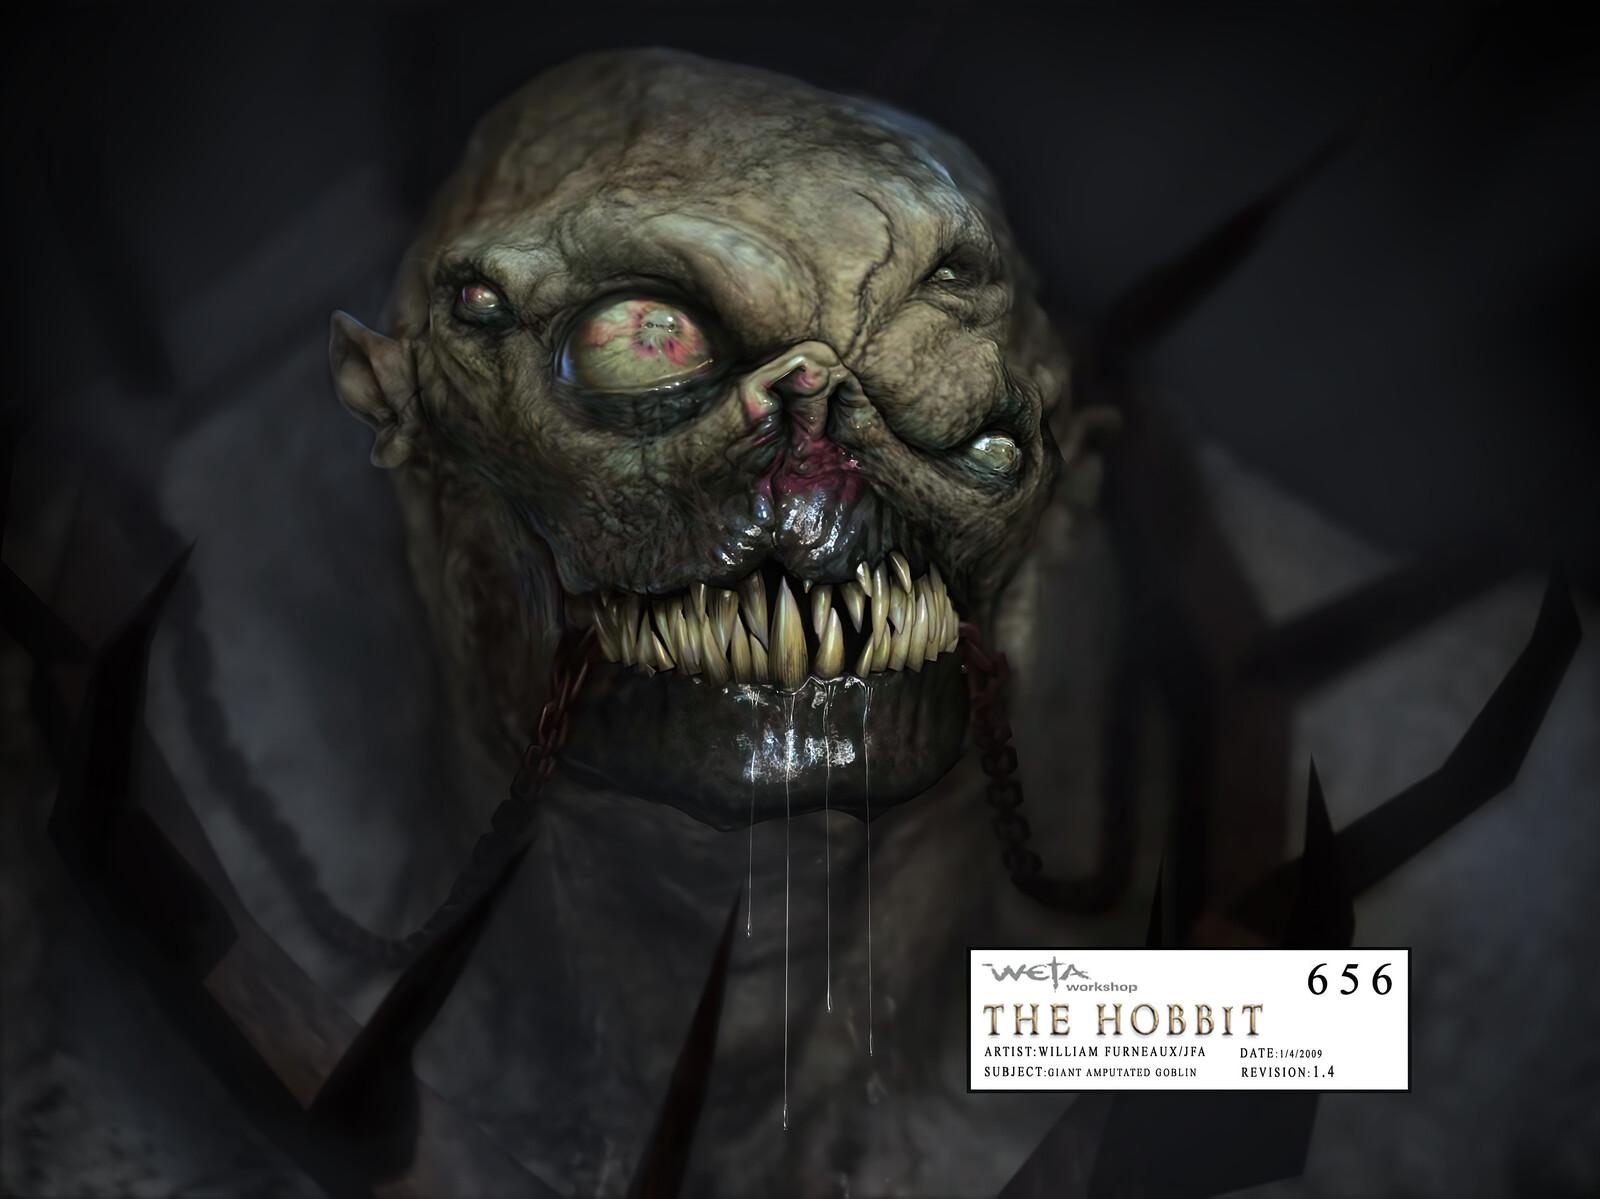 Hobbit - Giant Mutant Goblin